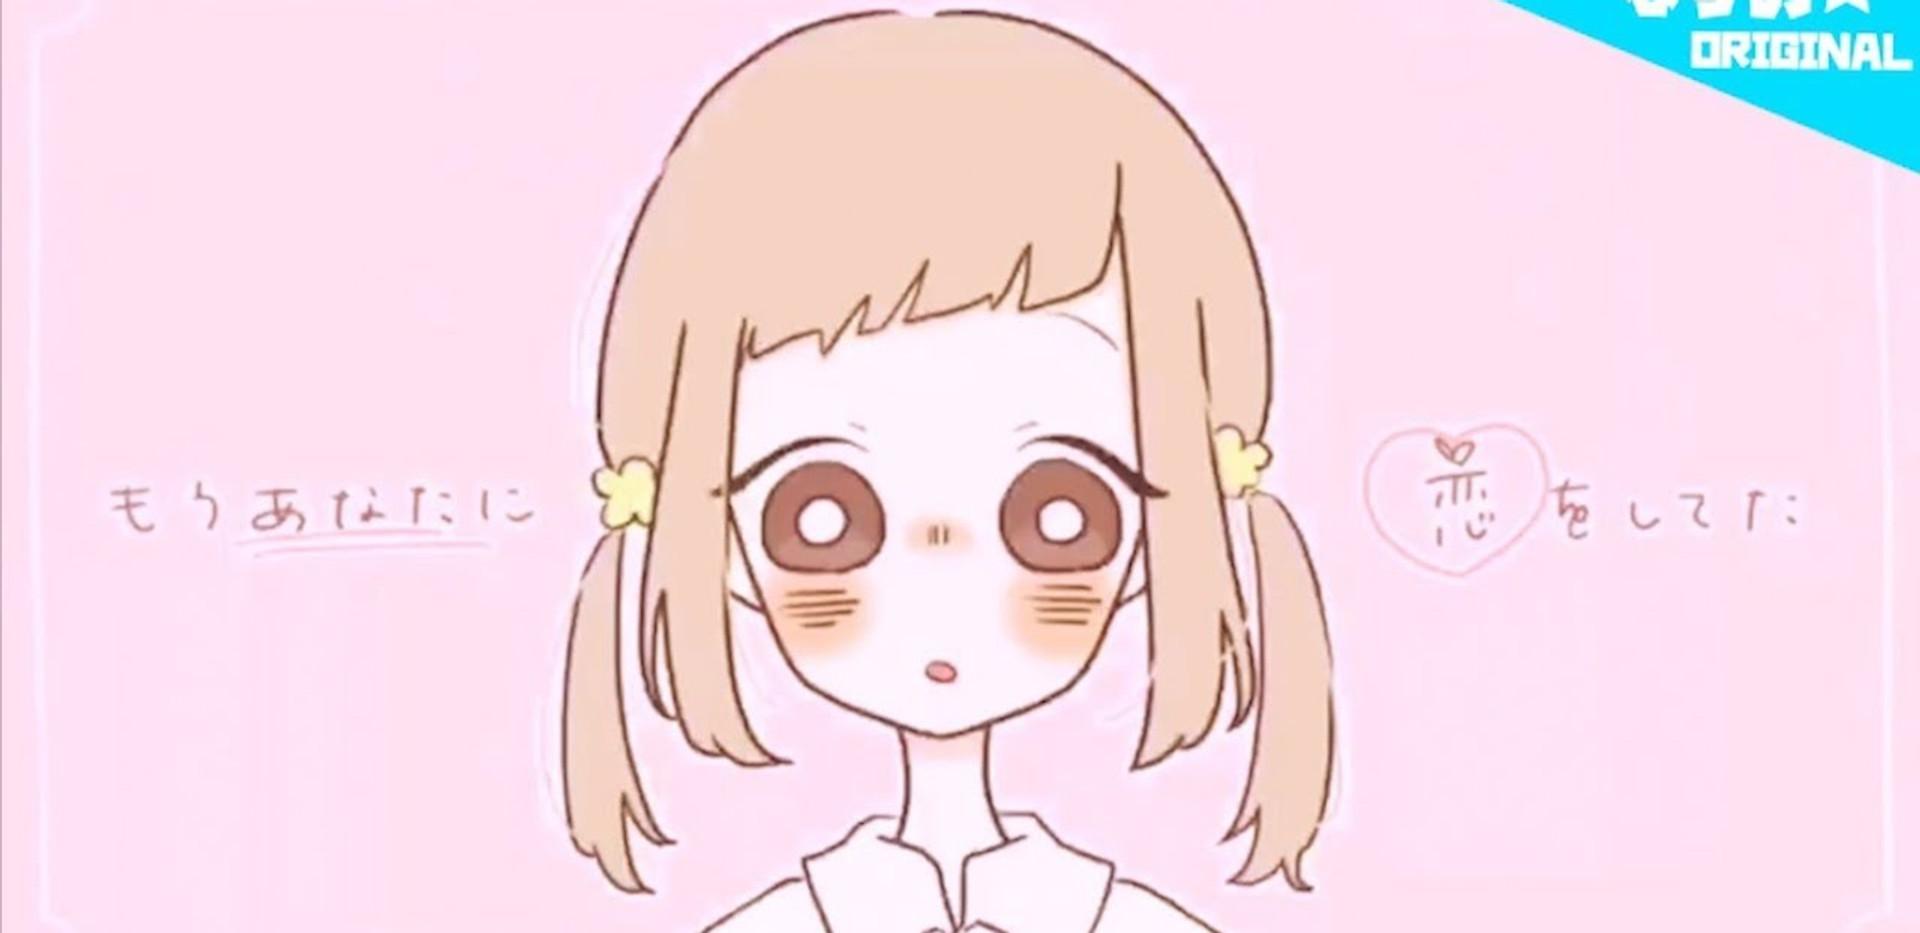 ちょっと待って!の3秒前 〜ぴこコラボ〜 MV